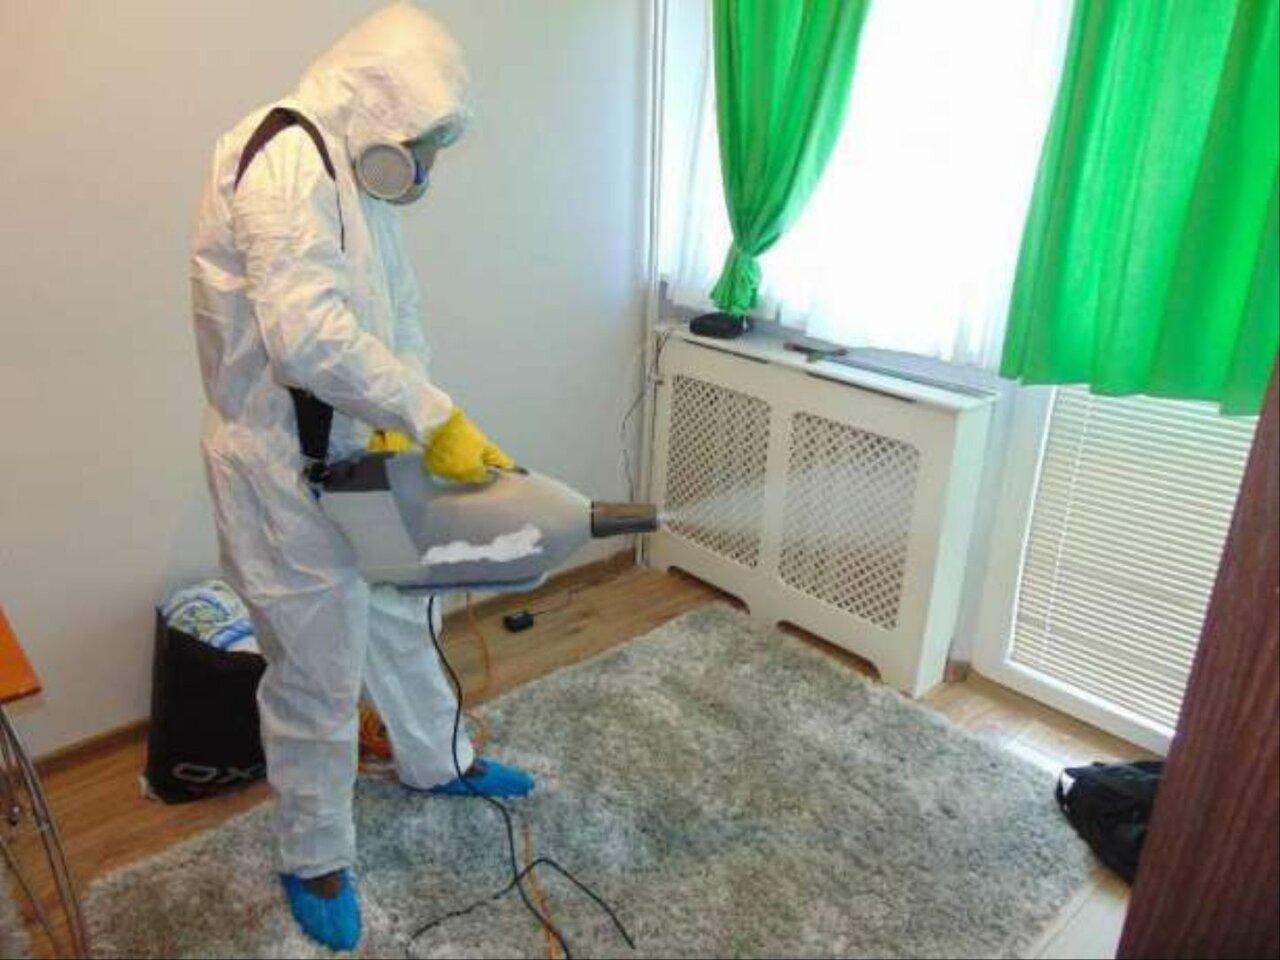 ❶ профилактика от клопов в квартире и домашних условиях самостоятельно